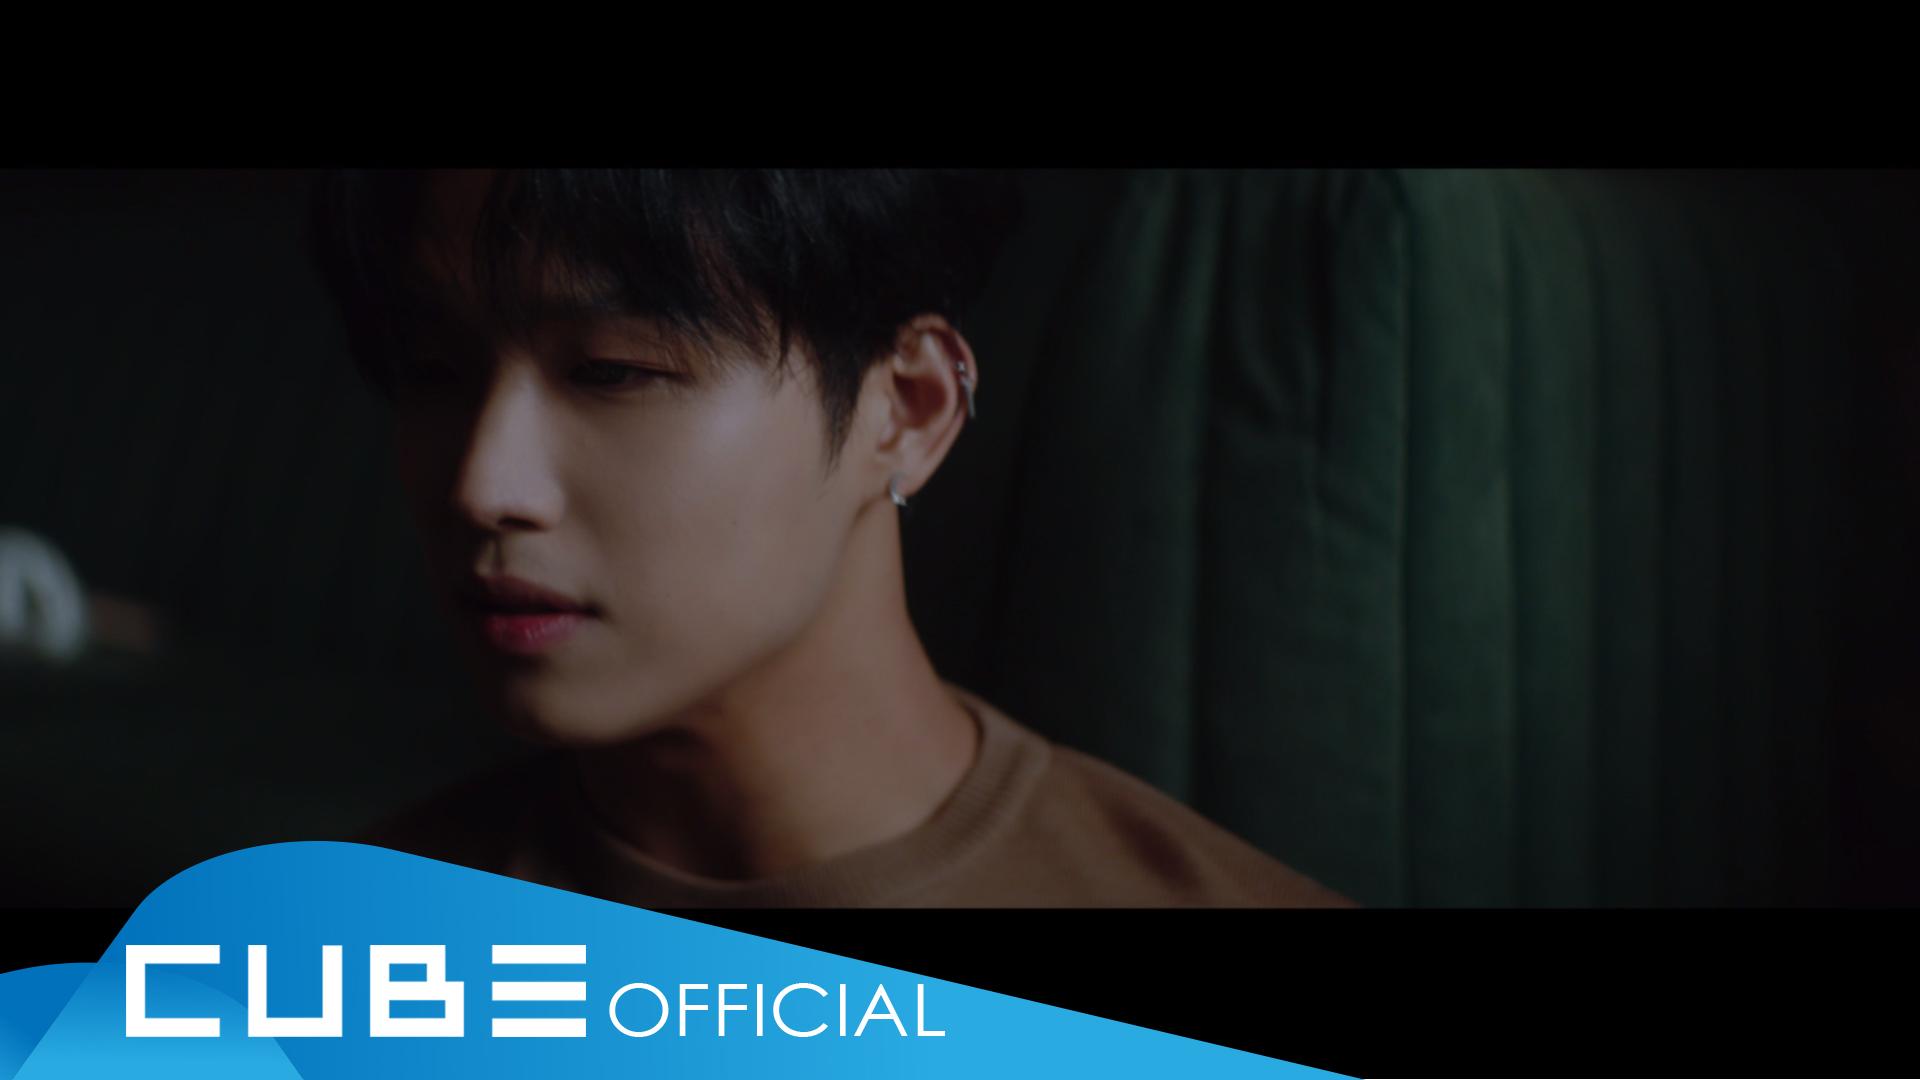 비투비 - '아름답고도 아프구나(Beautiful Pain)' Official Music Video